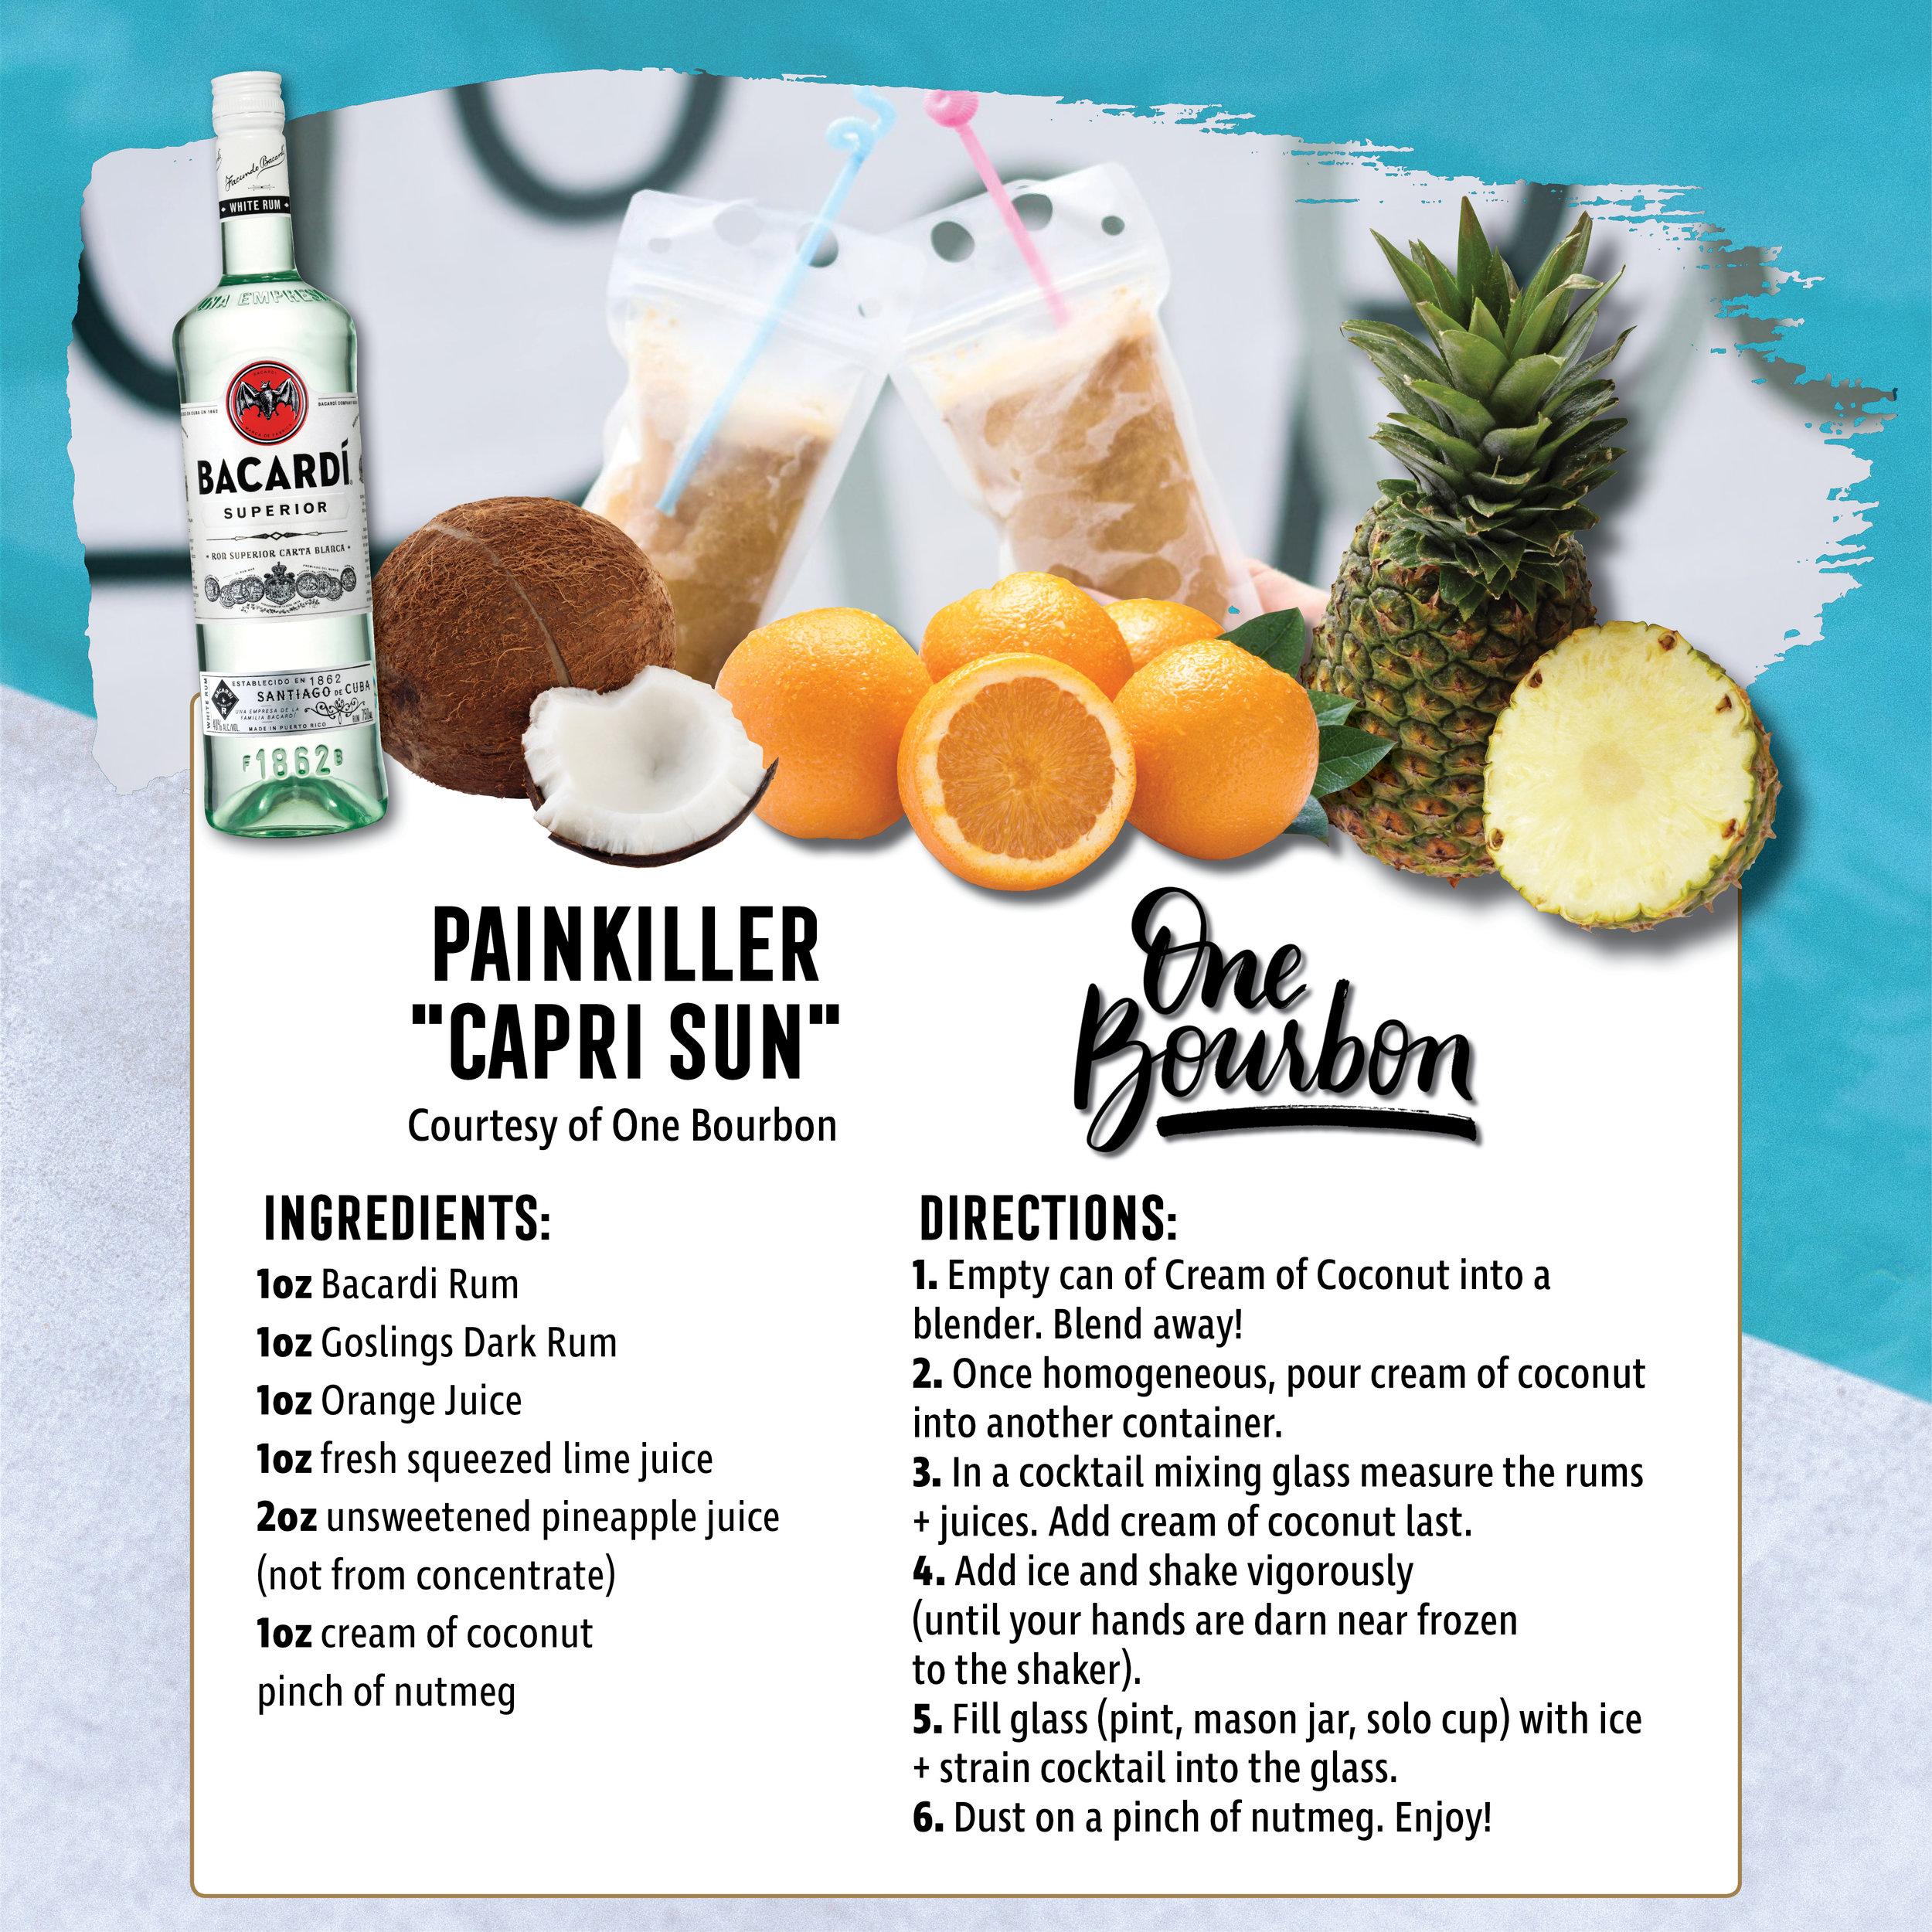 Painkiller Capri Sun One Bourbon.jpg